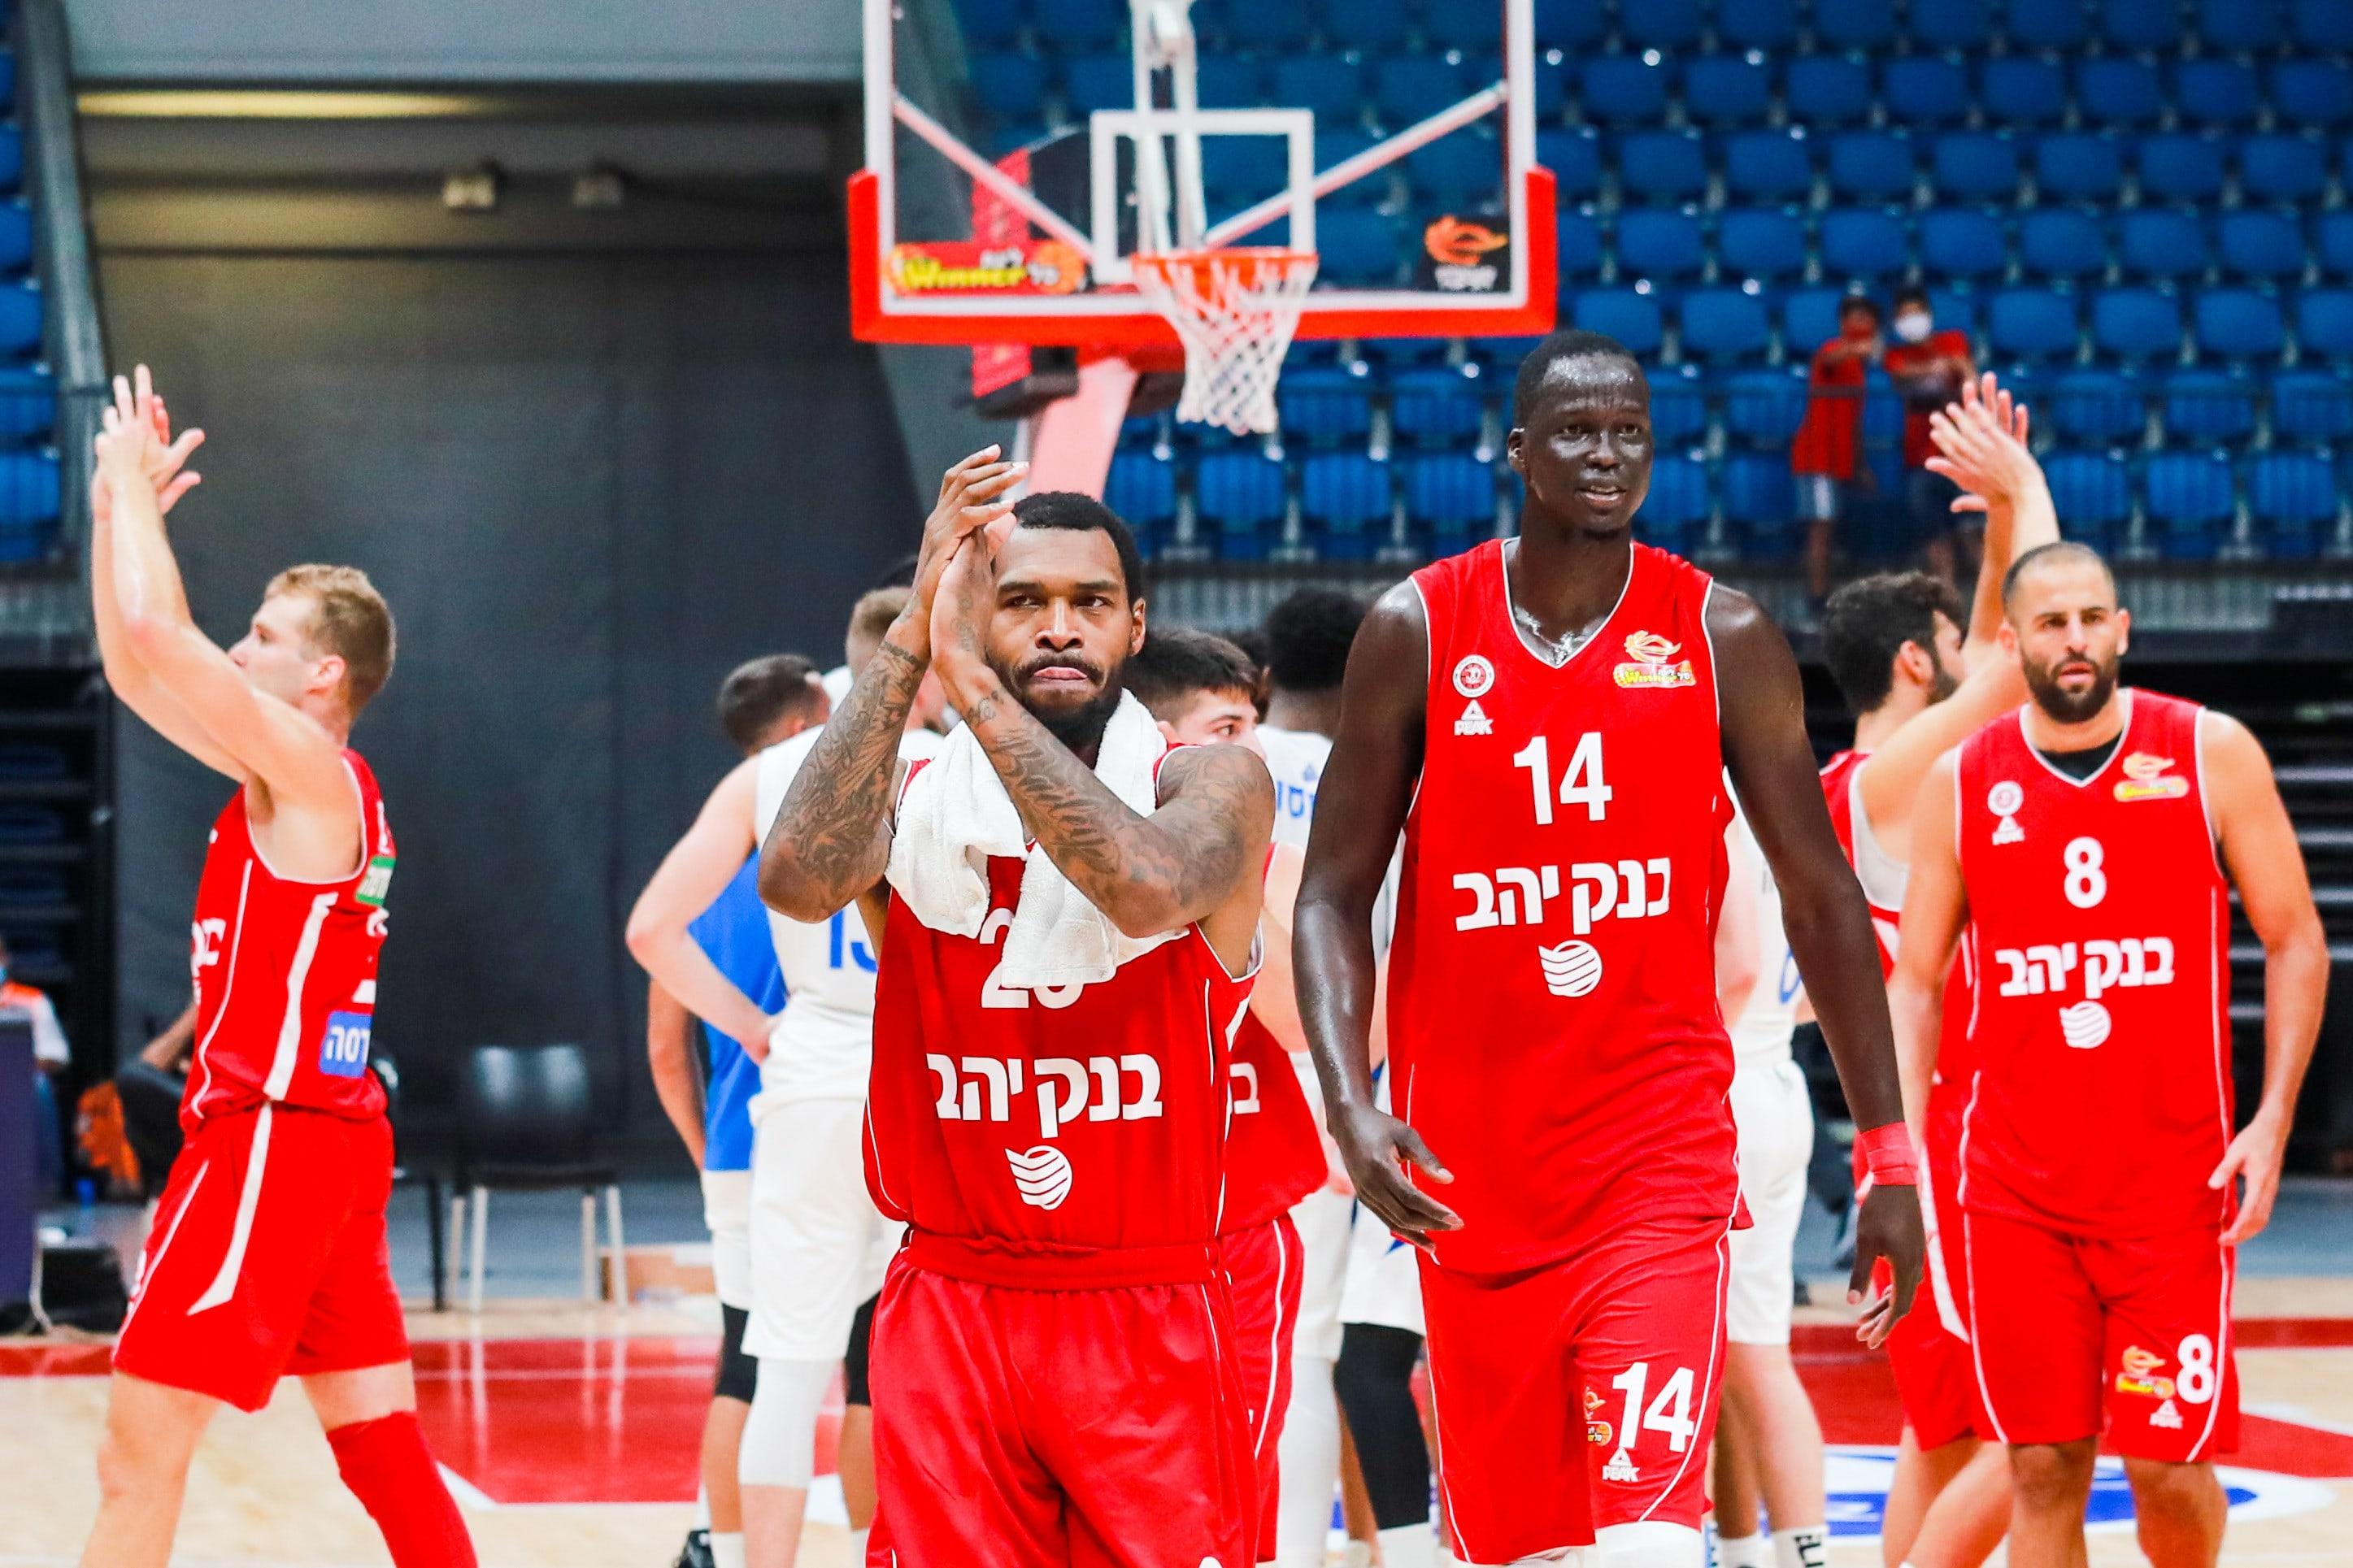 שחקני הפועל ירושלים רטין אובאסוהן, ת'ון מייקר, שגב דוד חוגגים